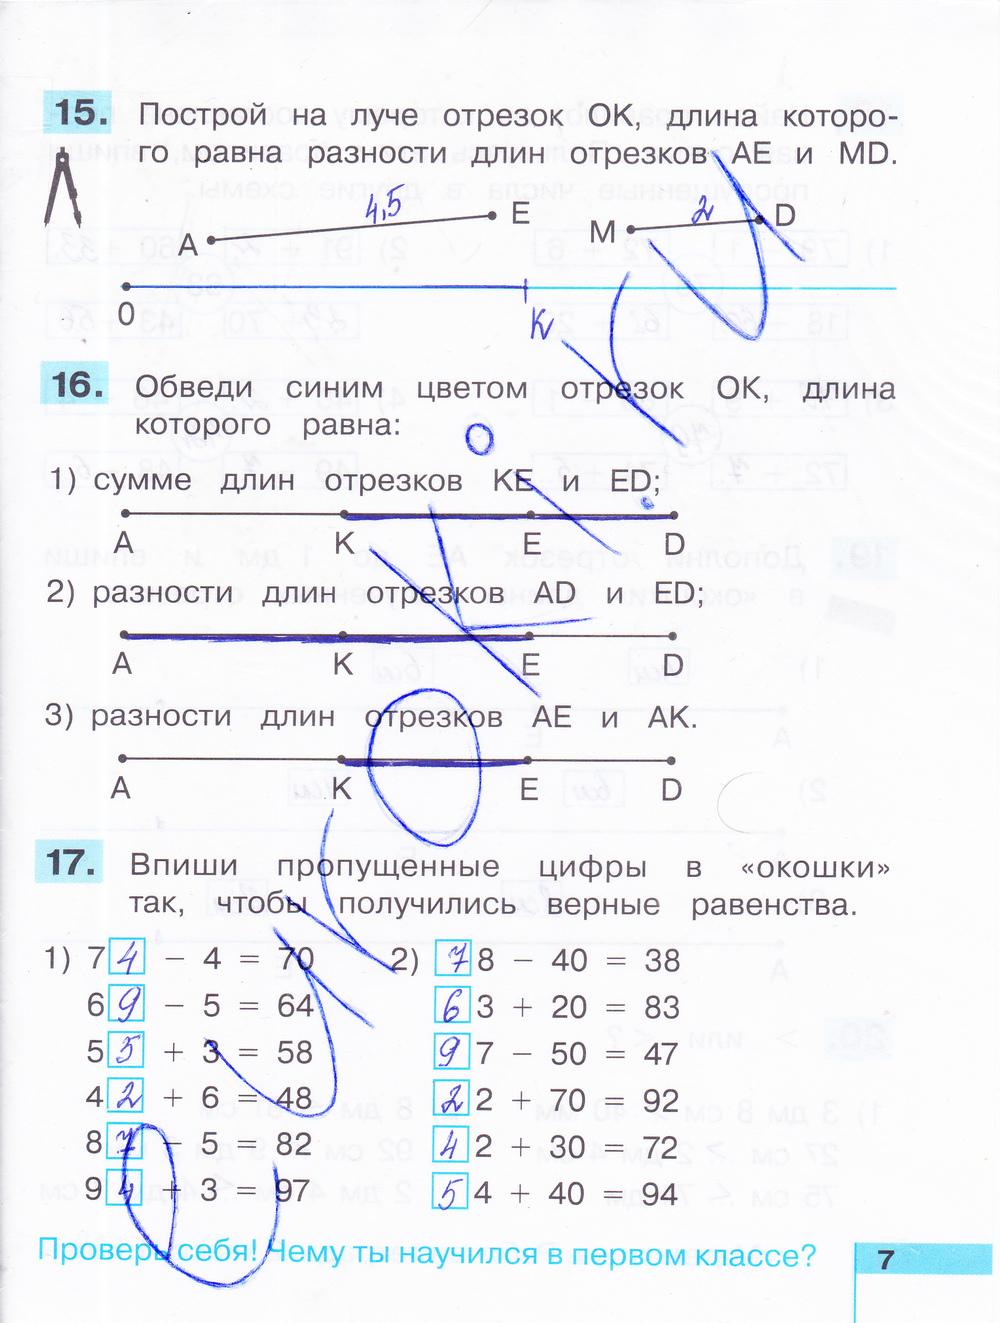 Гдз по рабочей тетради по математике 5 класс истомина